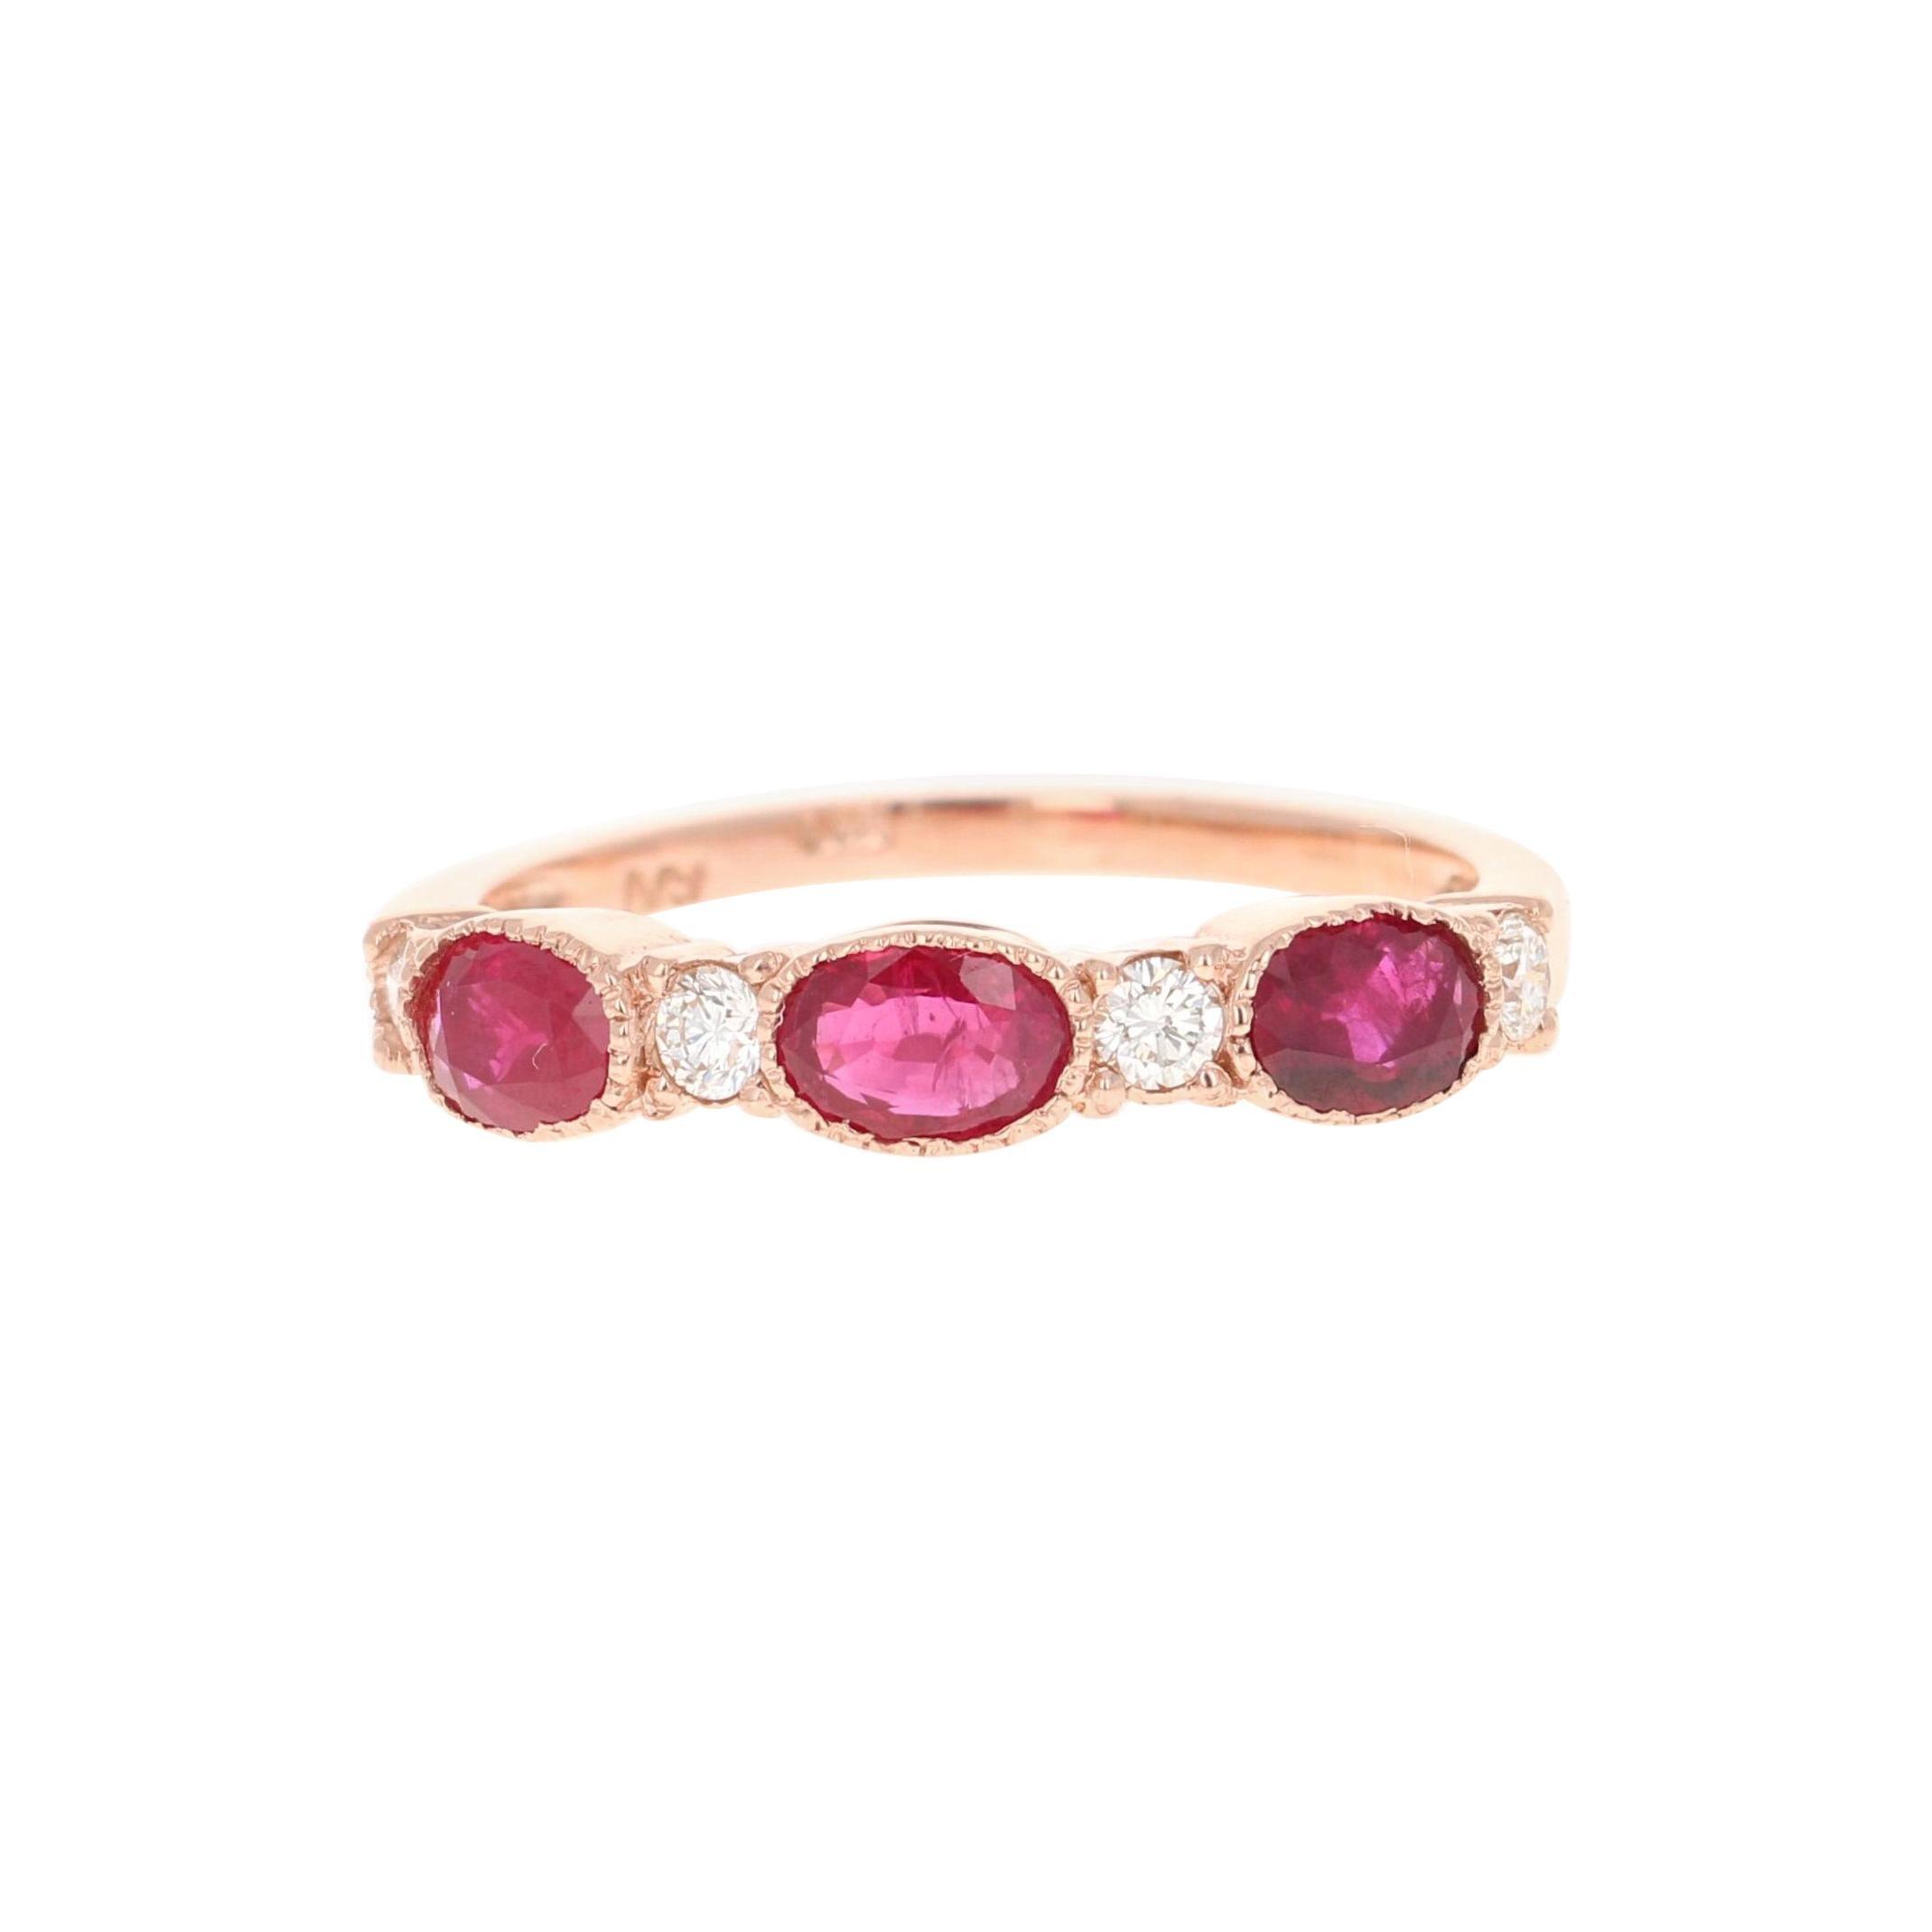 Ruby Diamond Bridal Band 14 Karat Rose Gold